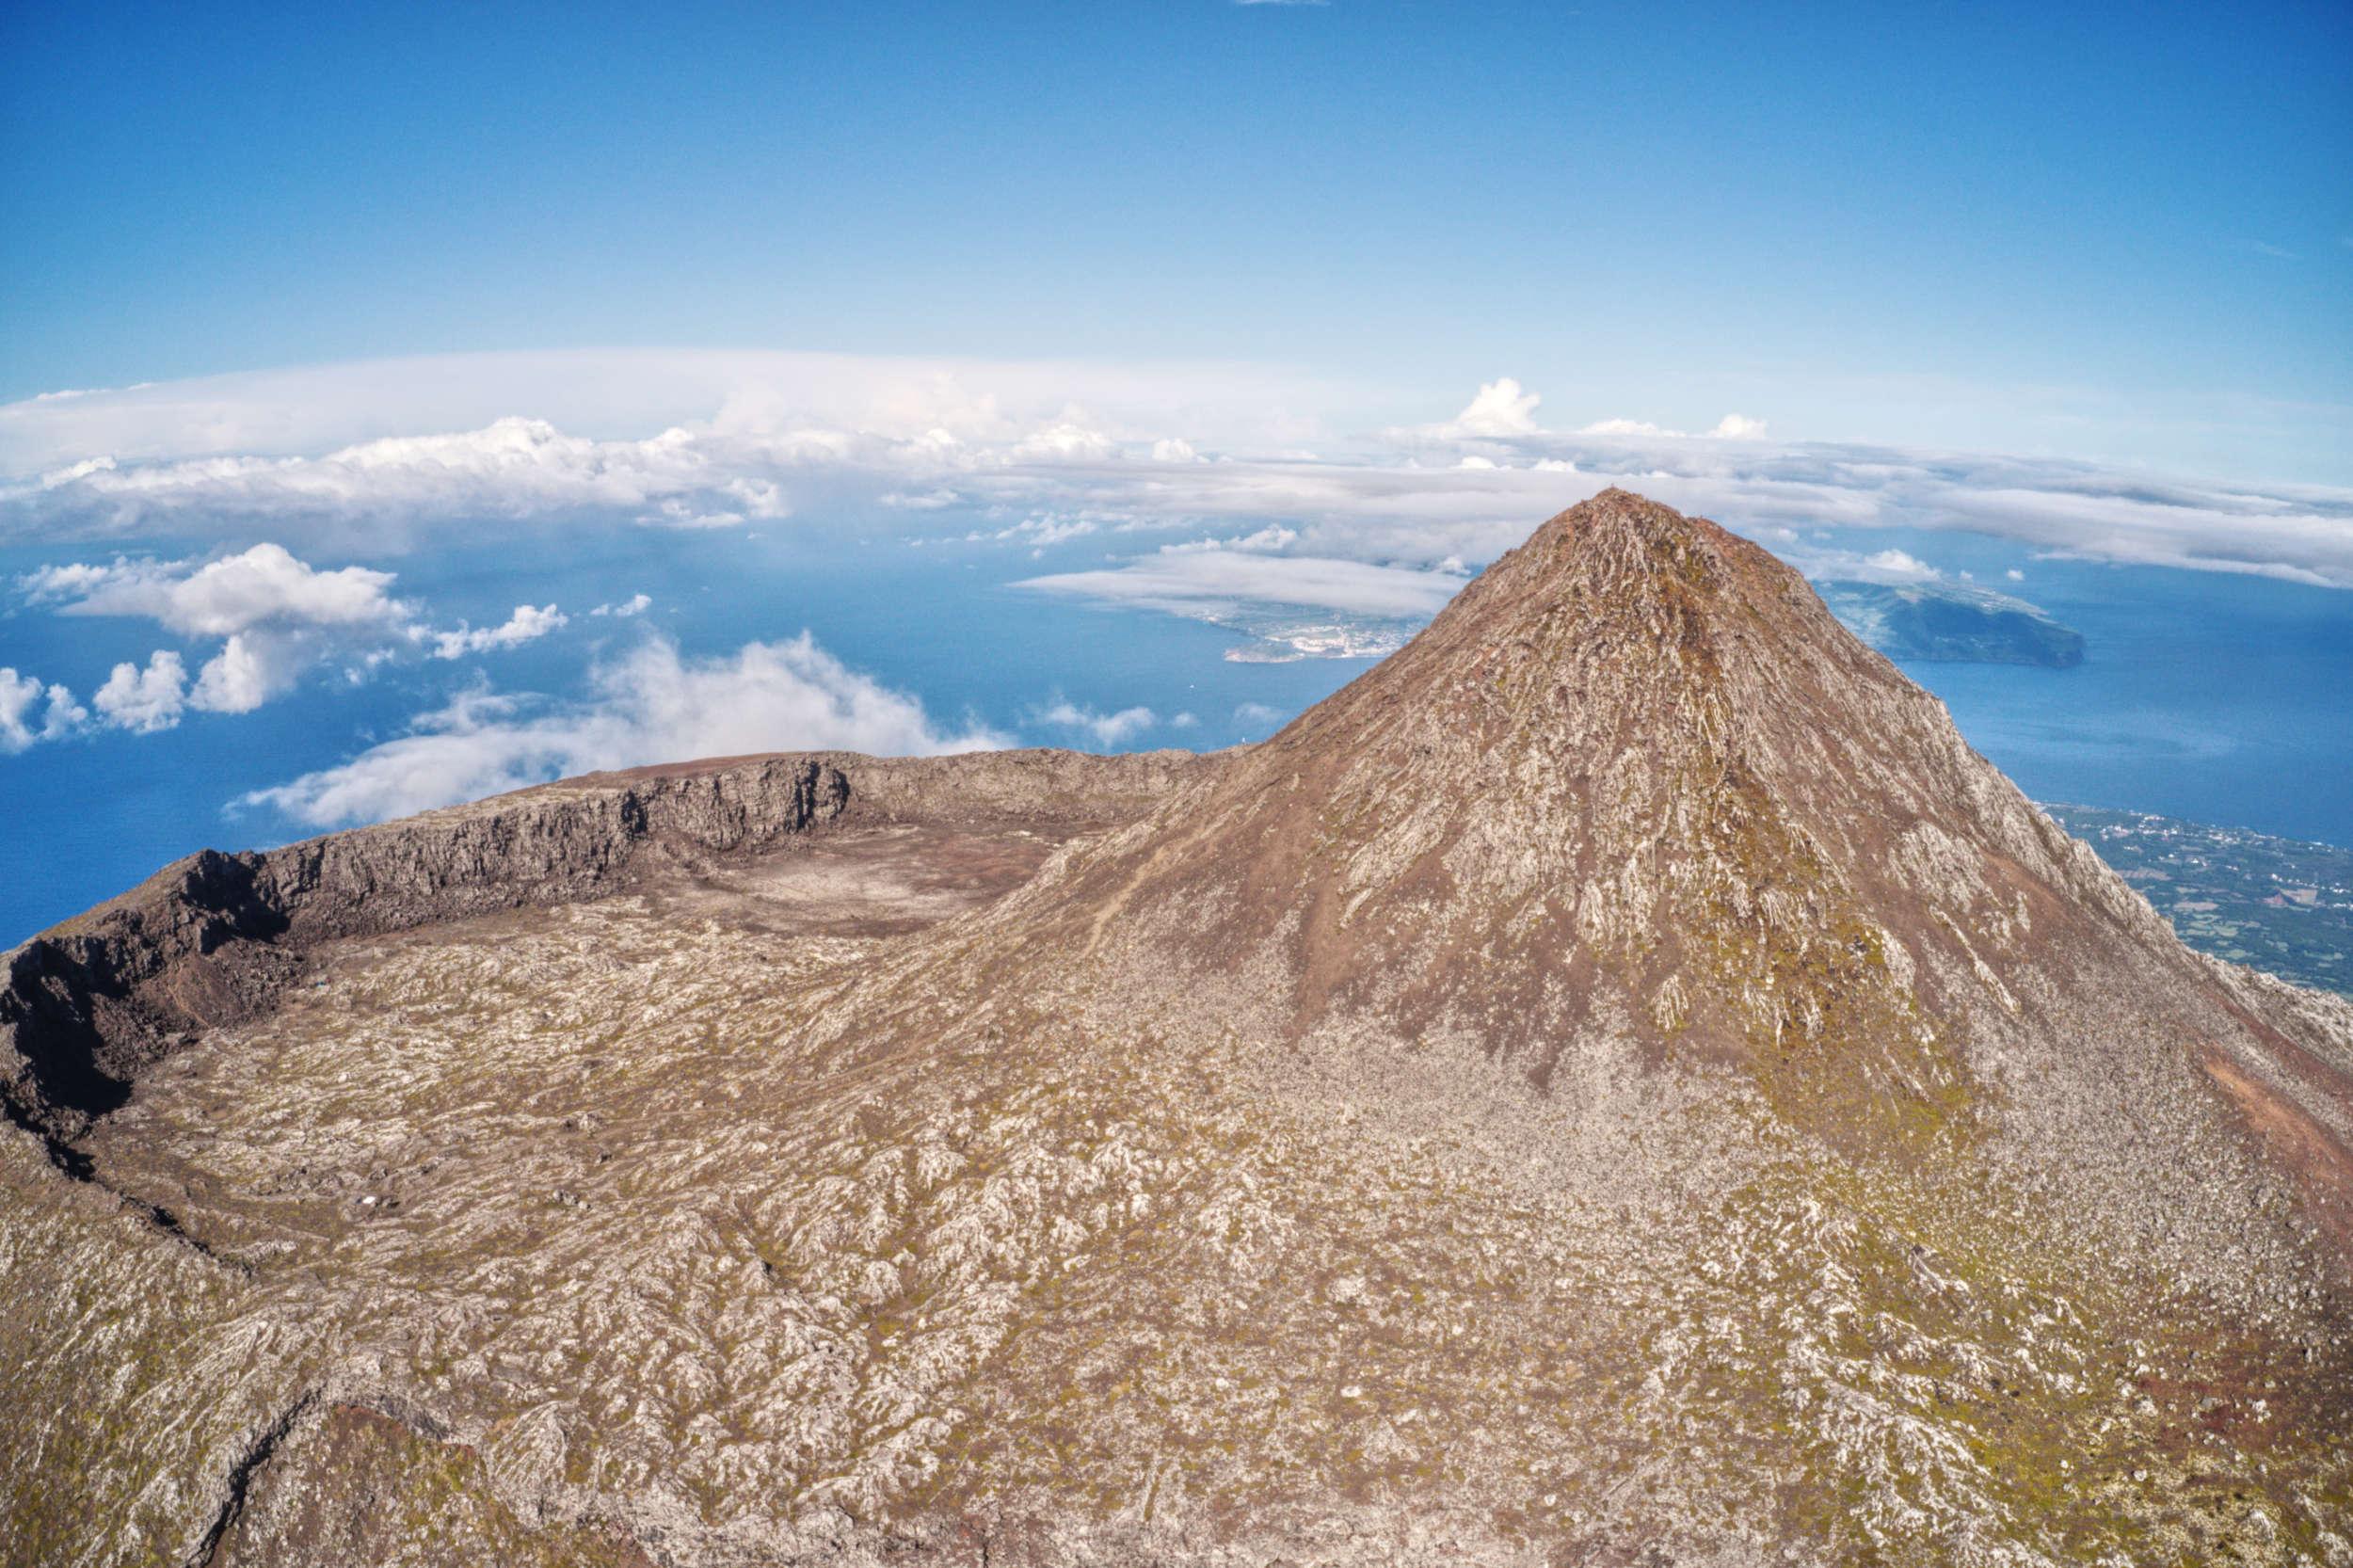 La caldeira du Volcan Pico dans l'archipel des Açores